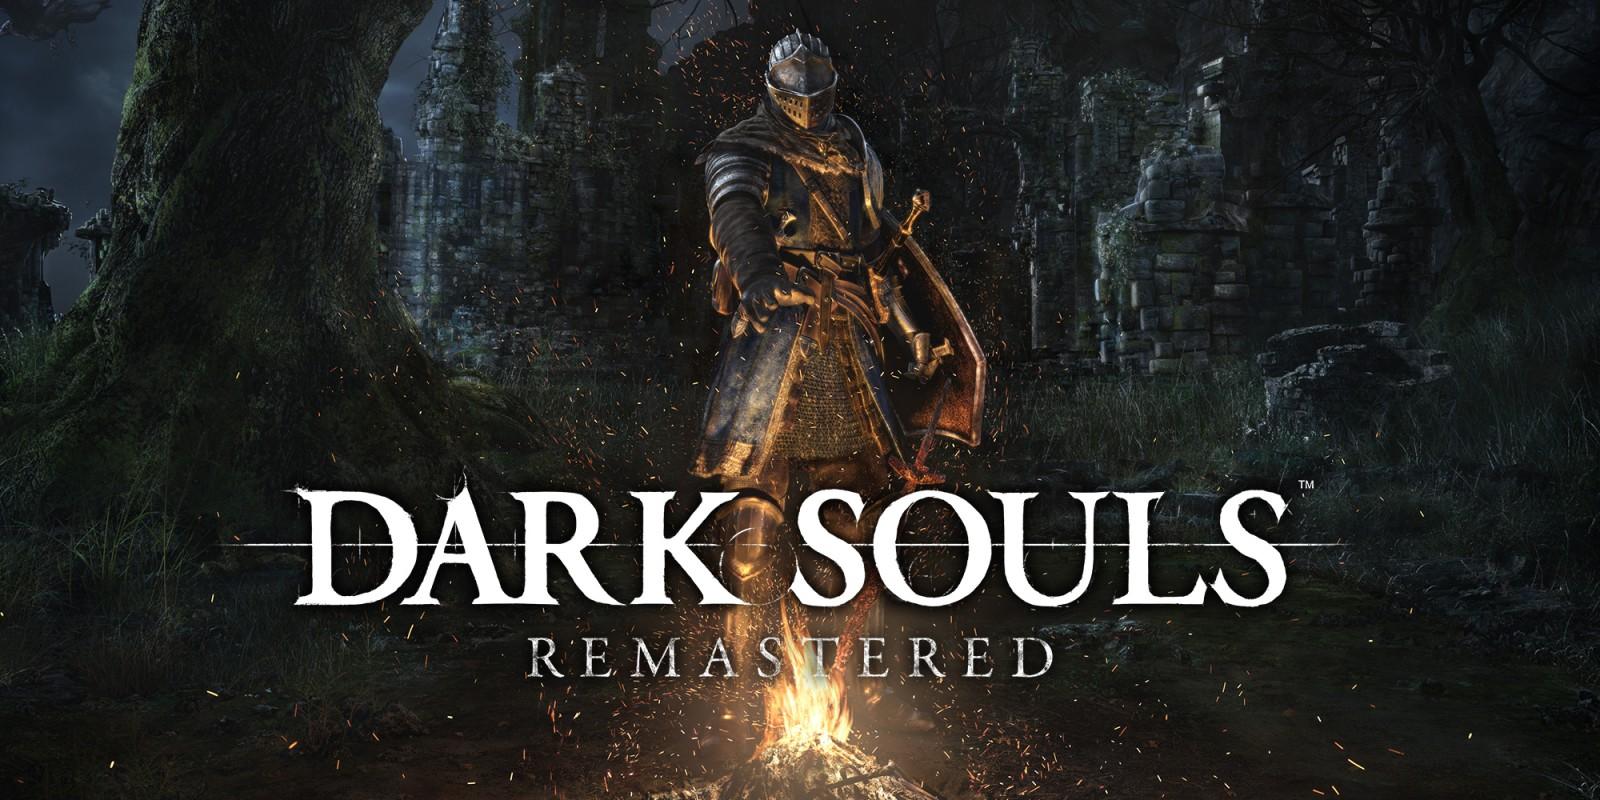 赞美太阳!拥有原版《黑暗之魂》的玩家可以升级至重制版